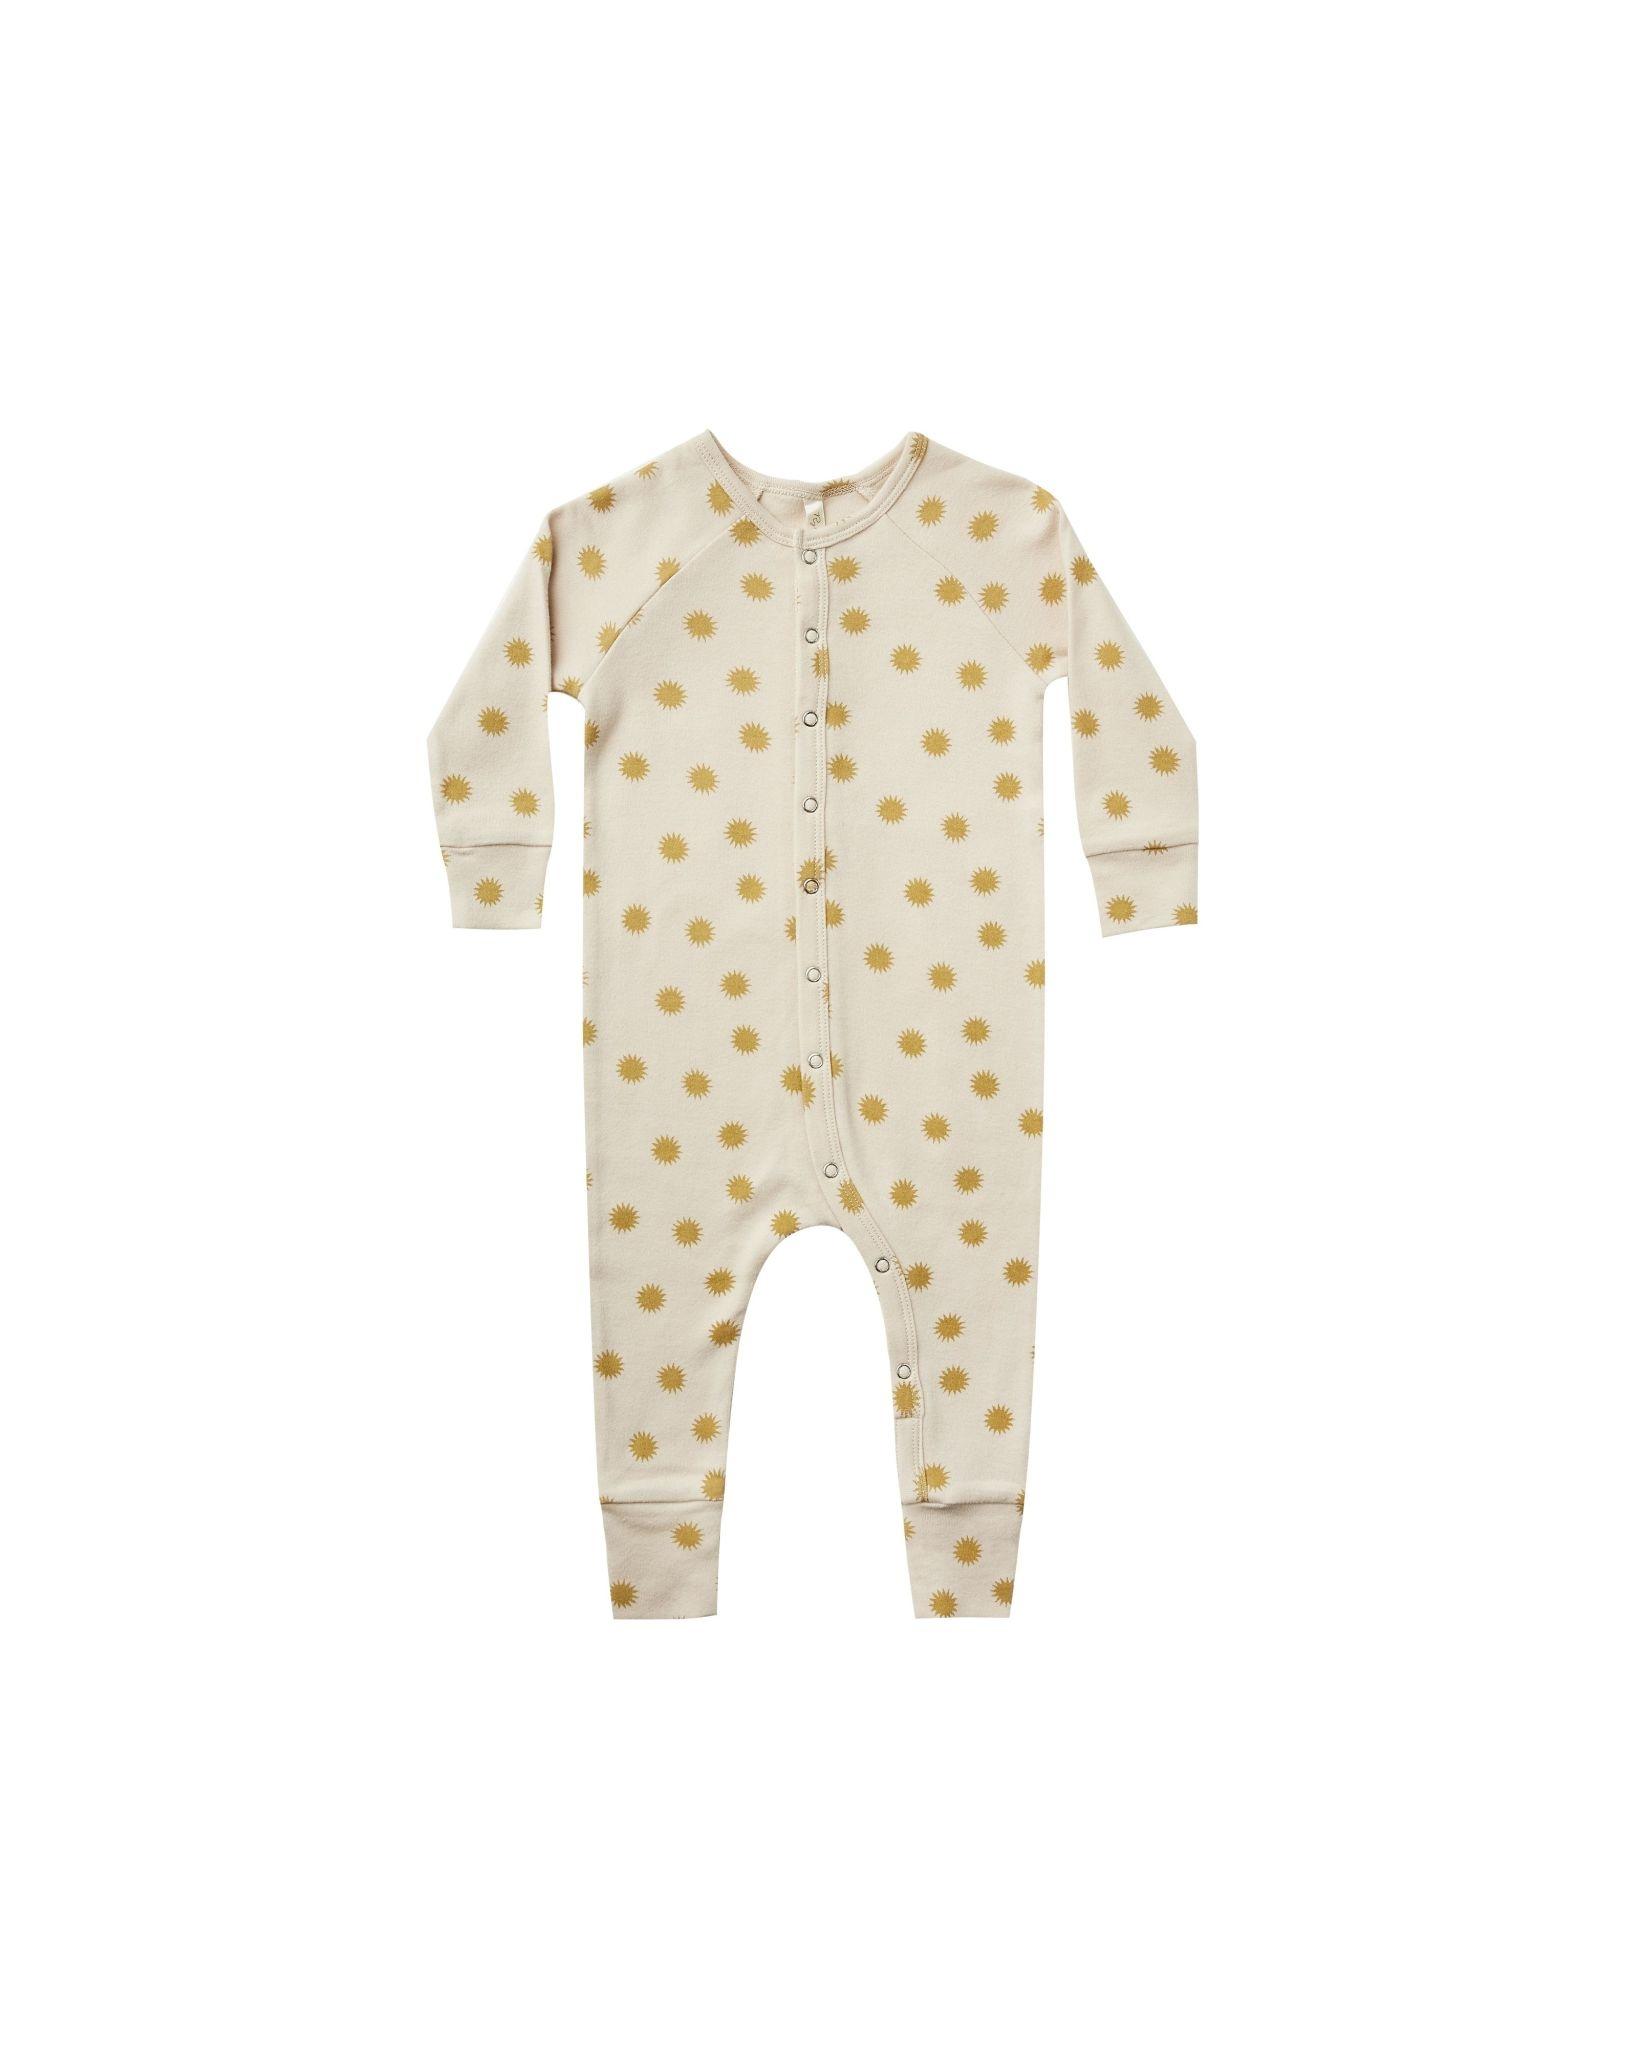 Rylee & Cru Pajamas - Sunburst